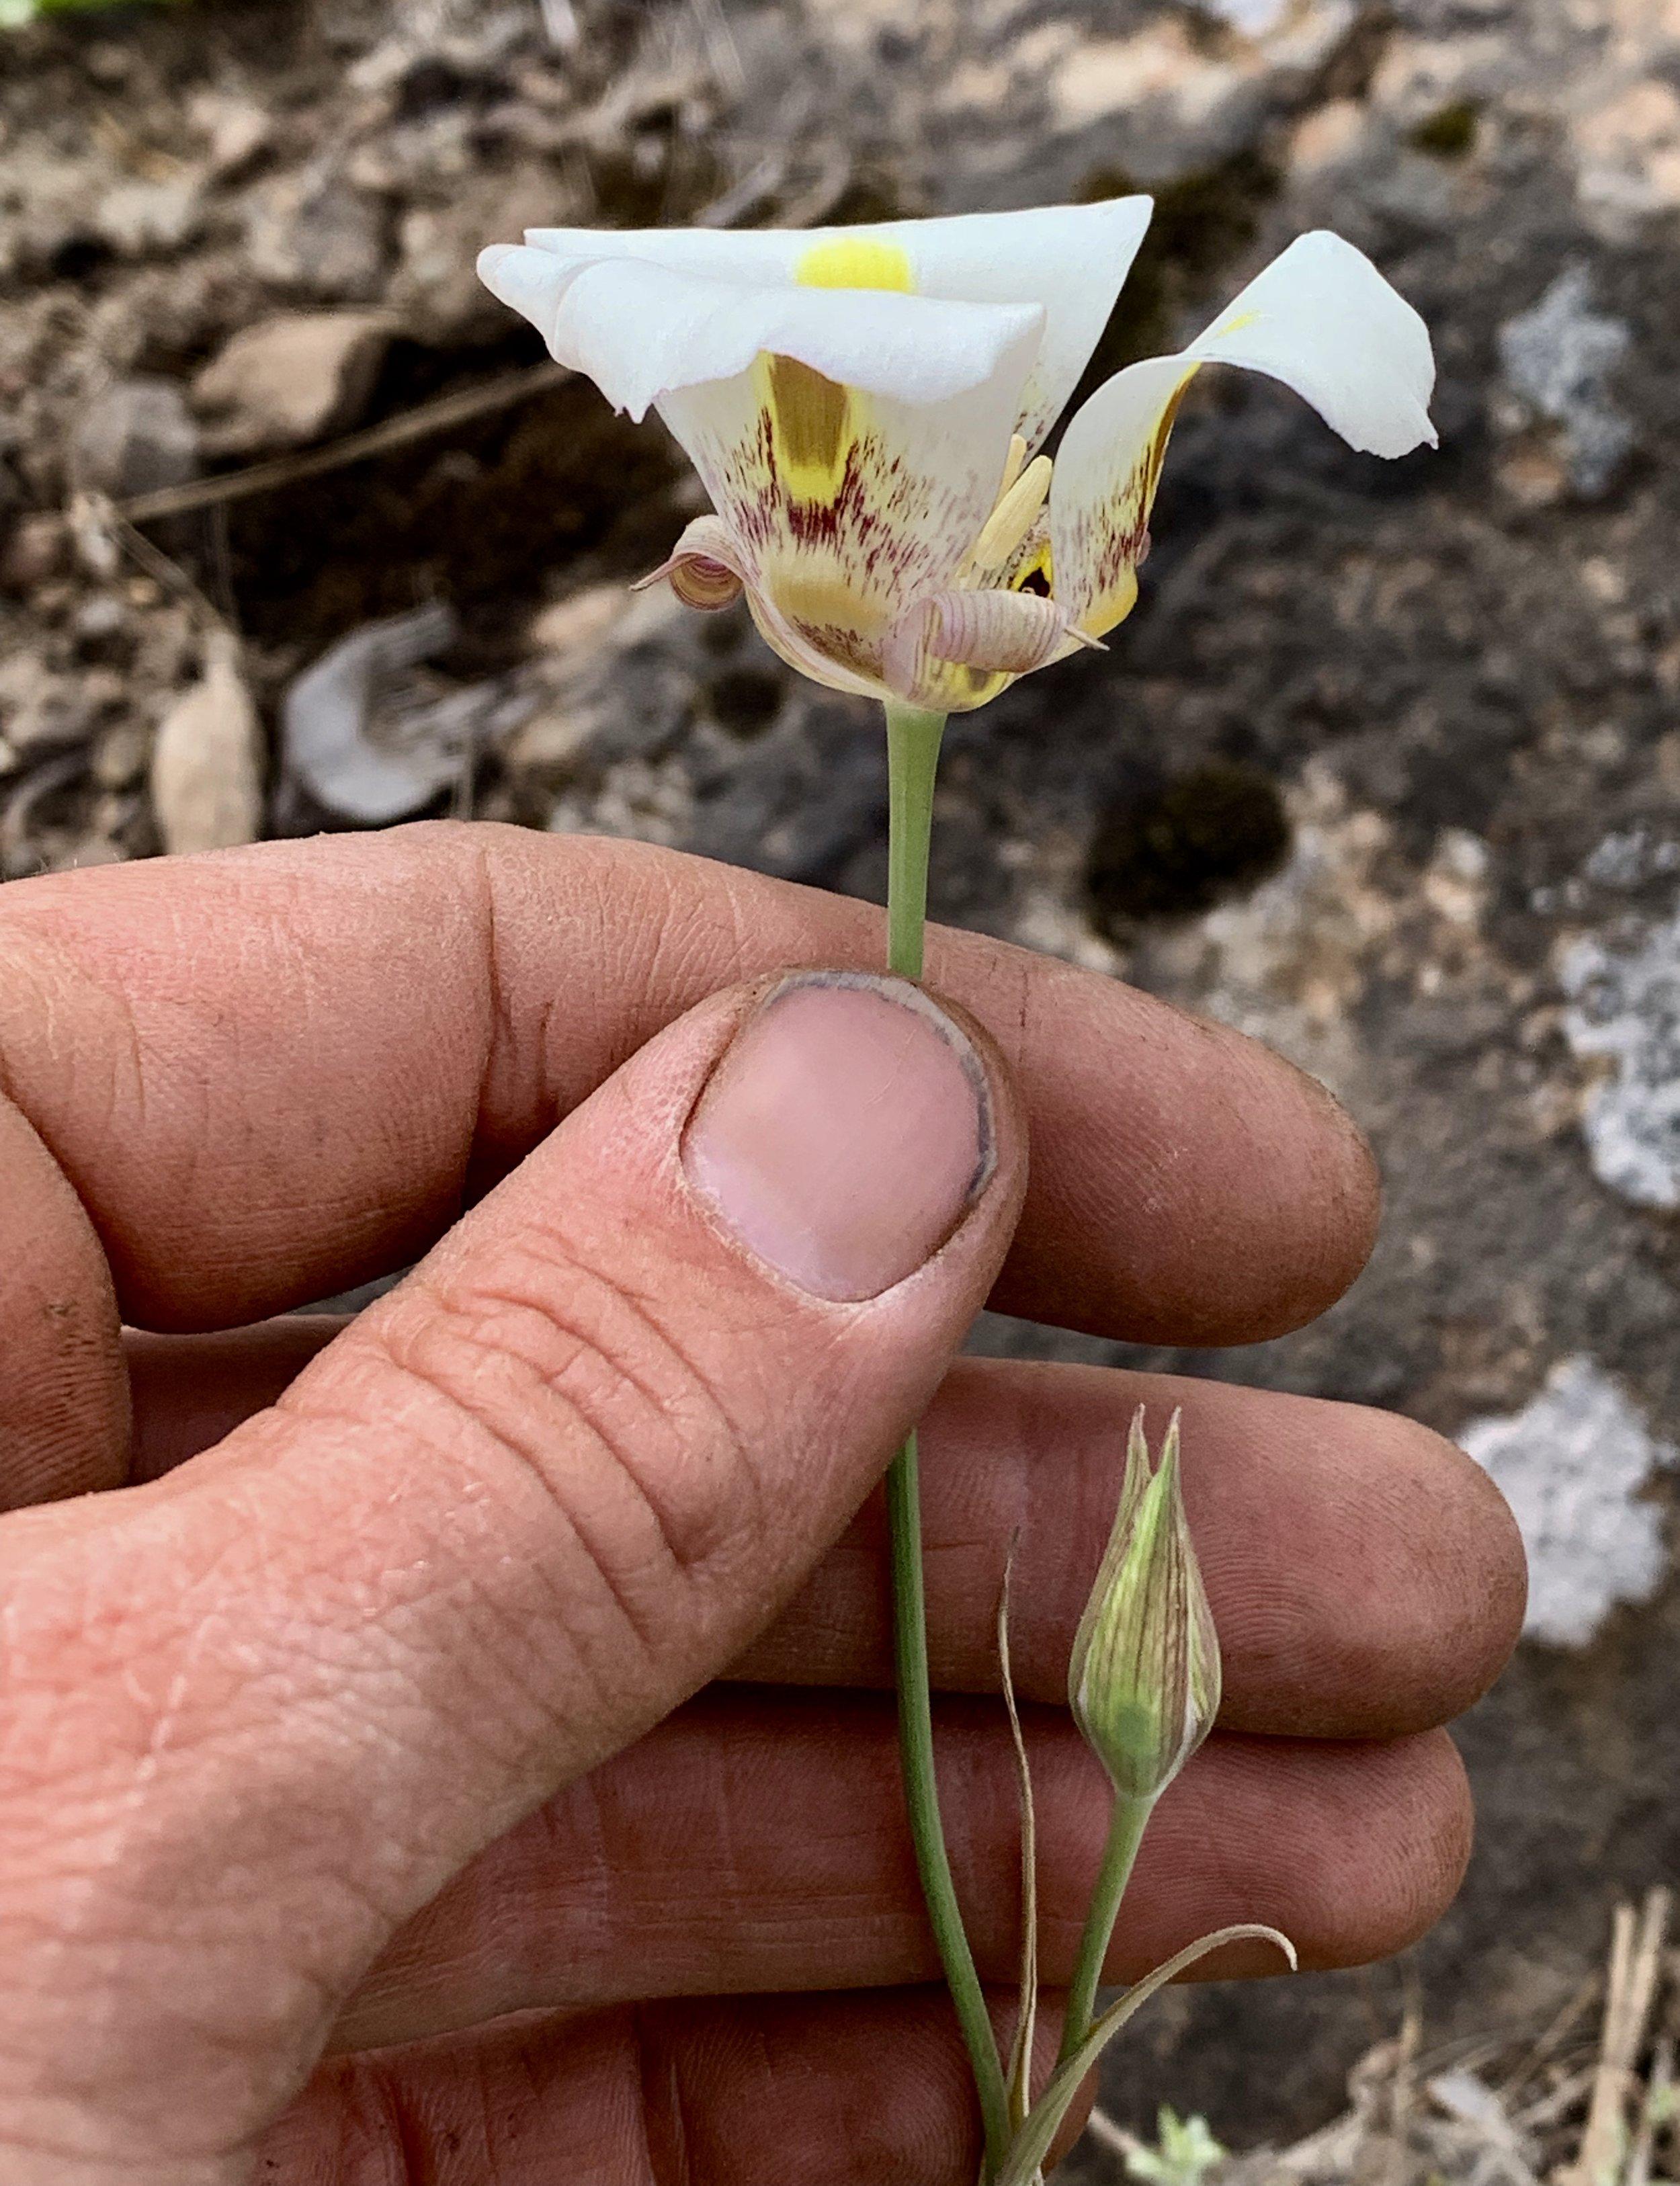 Calochortus vestae - Coast Range Mariposa Lily